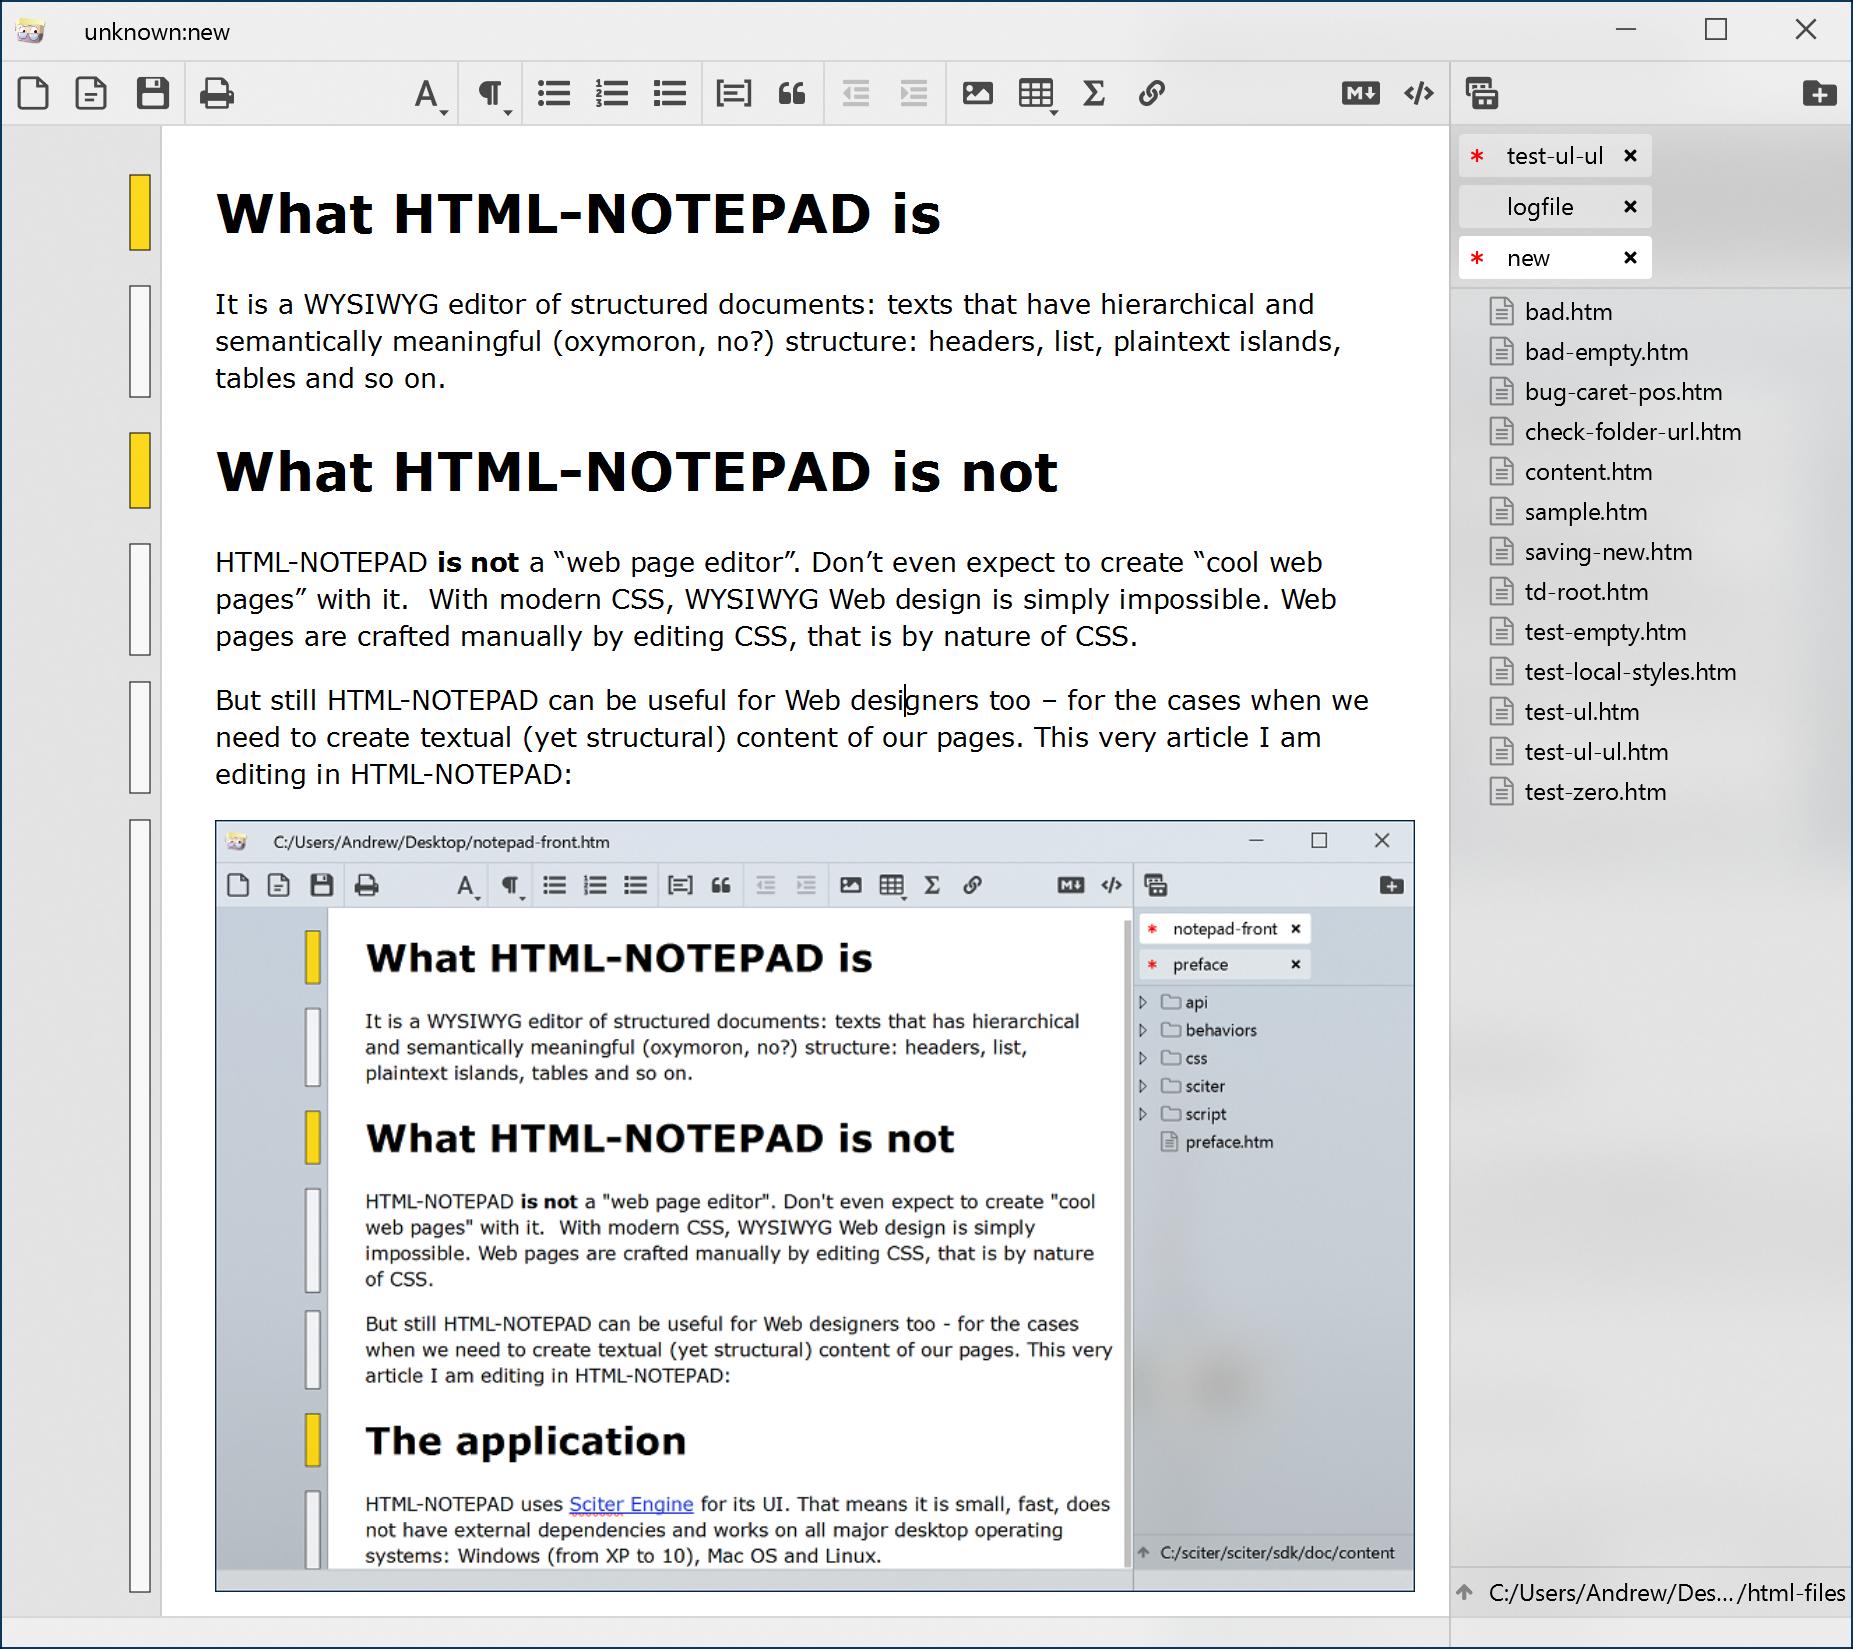 HTML-NOTEPAD